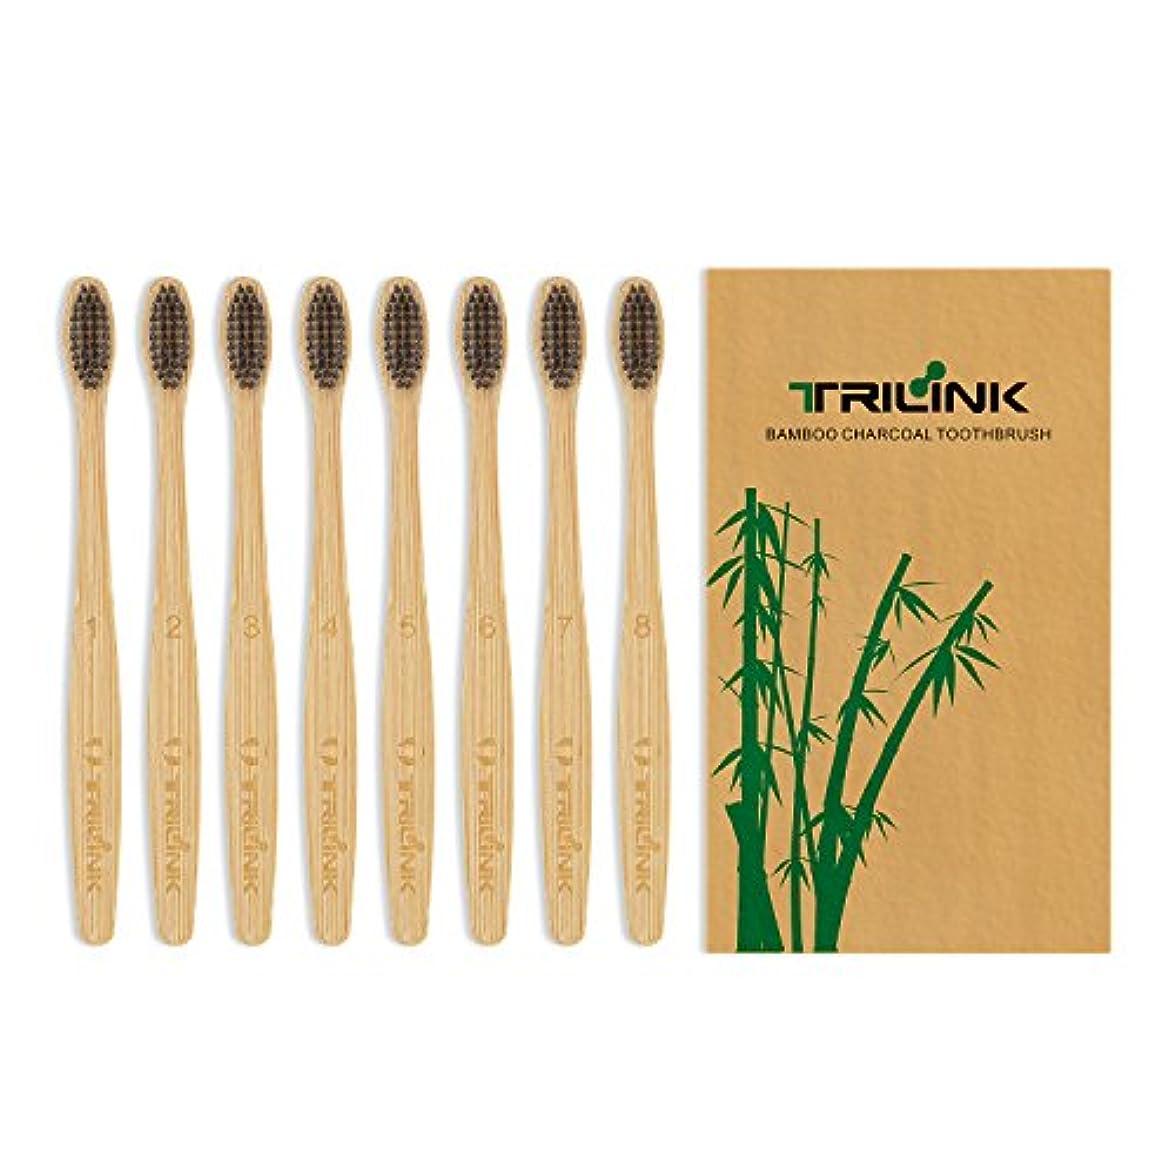 第五それる絞る大人用竹の歯ブラシ(8本) 環境保護 天然の柔らかい ハブラシ【 活性炭を注入】